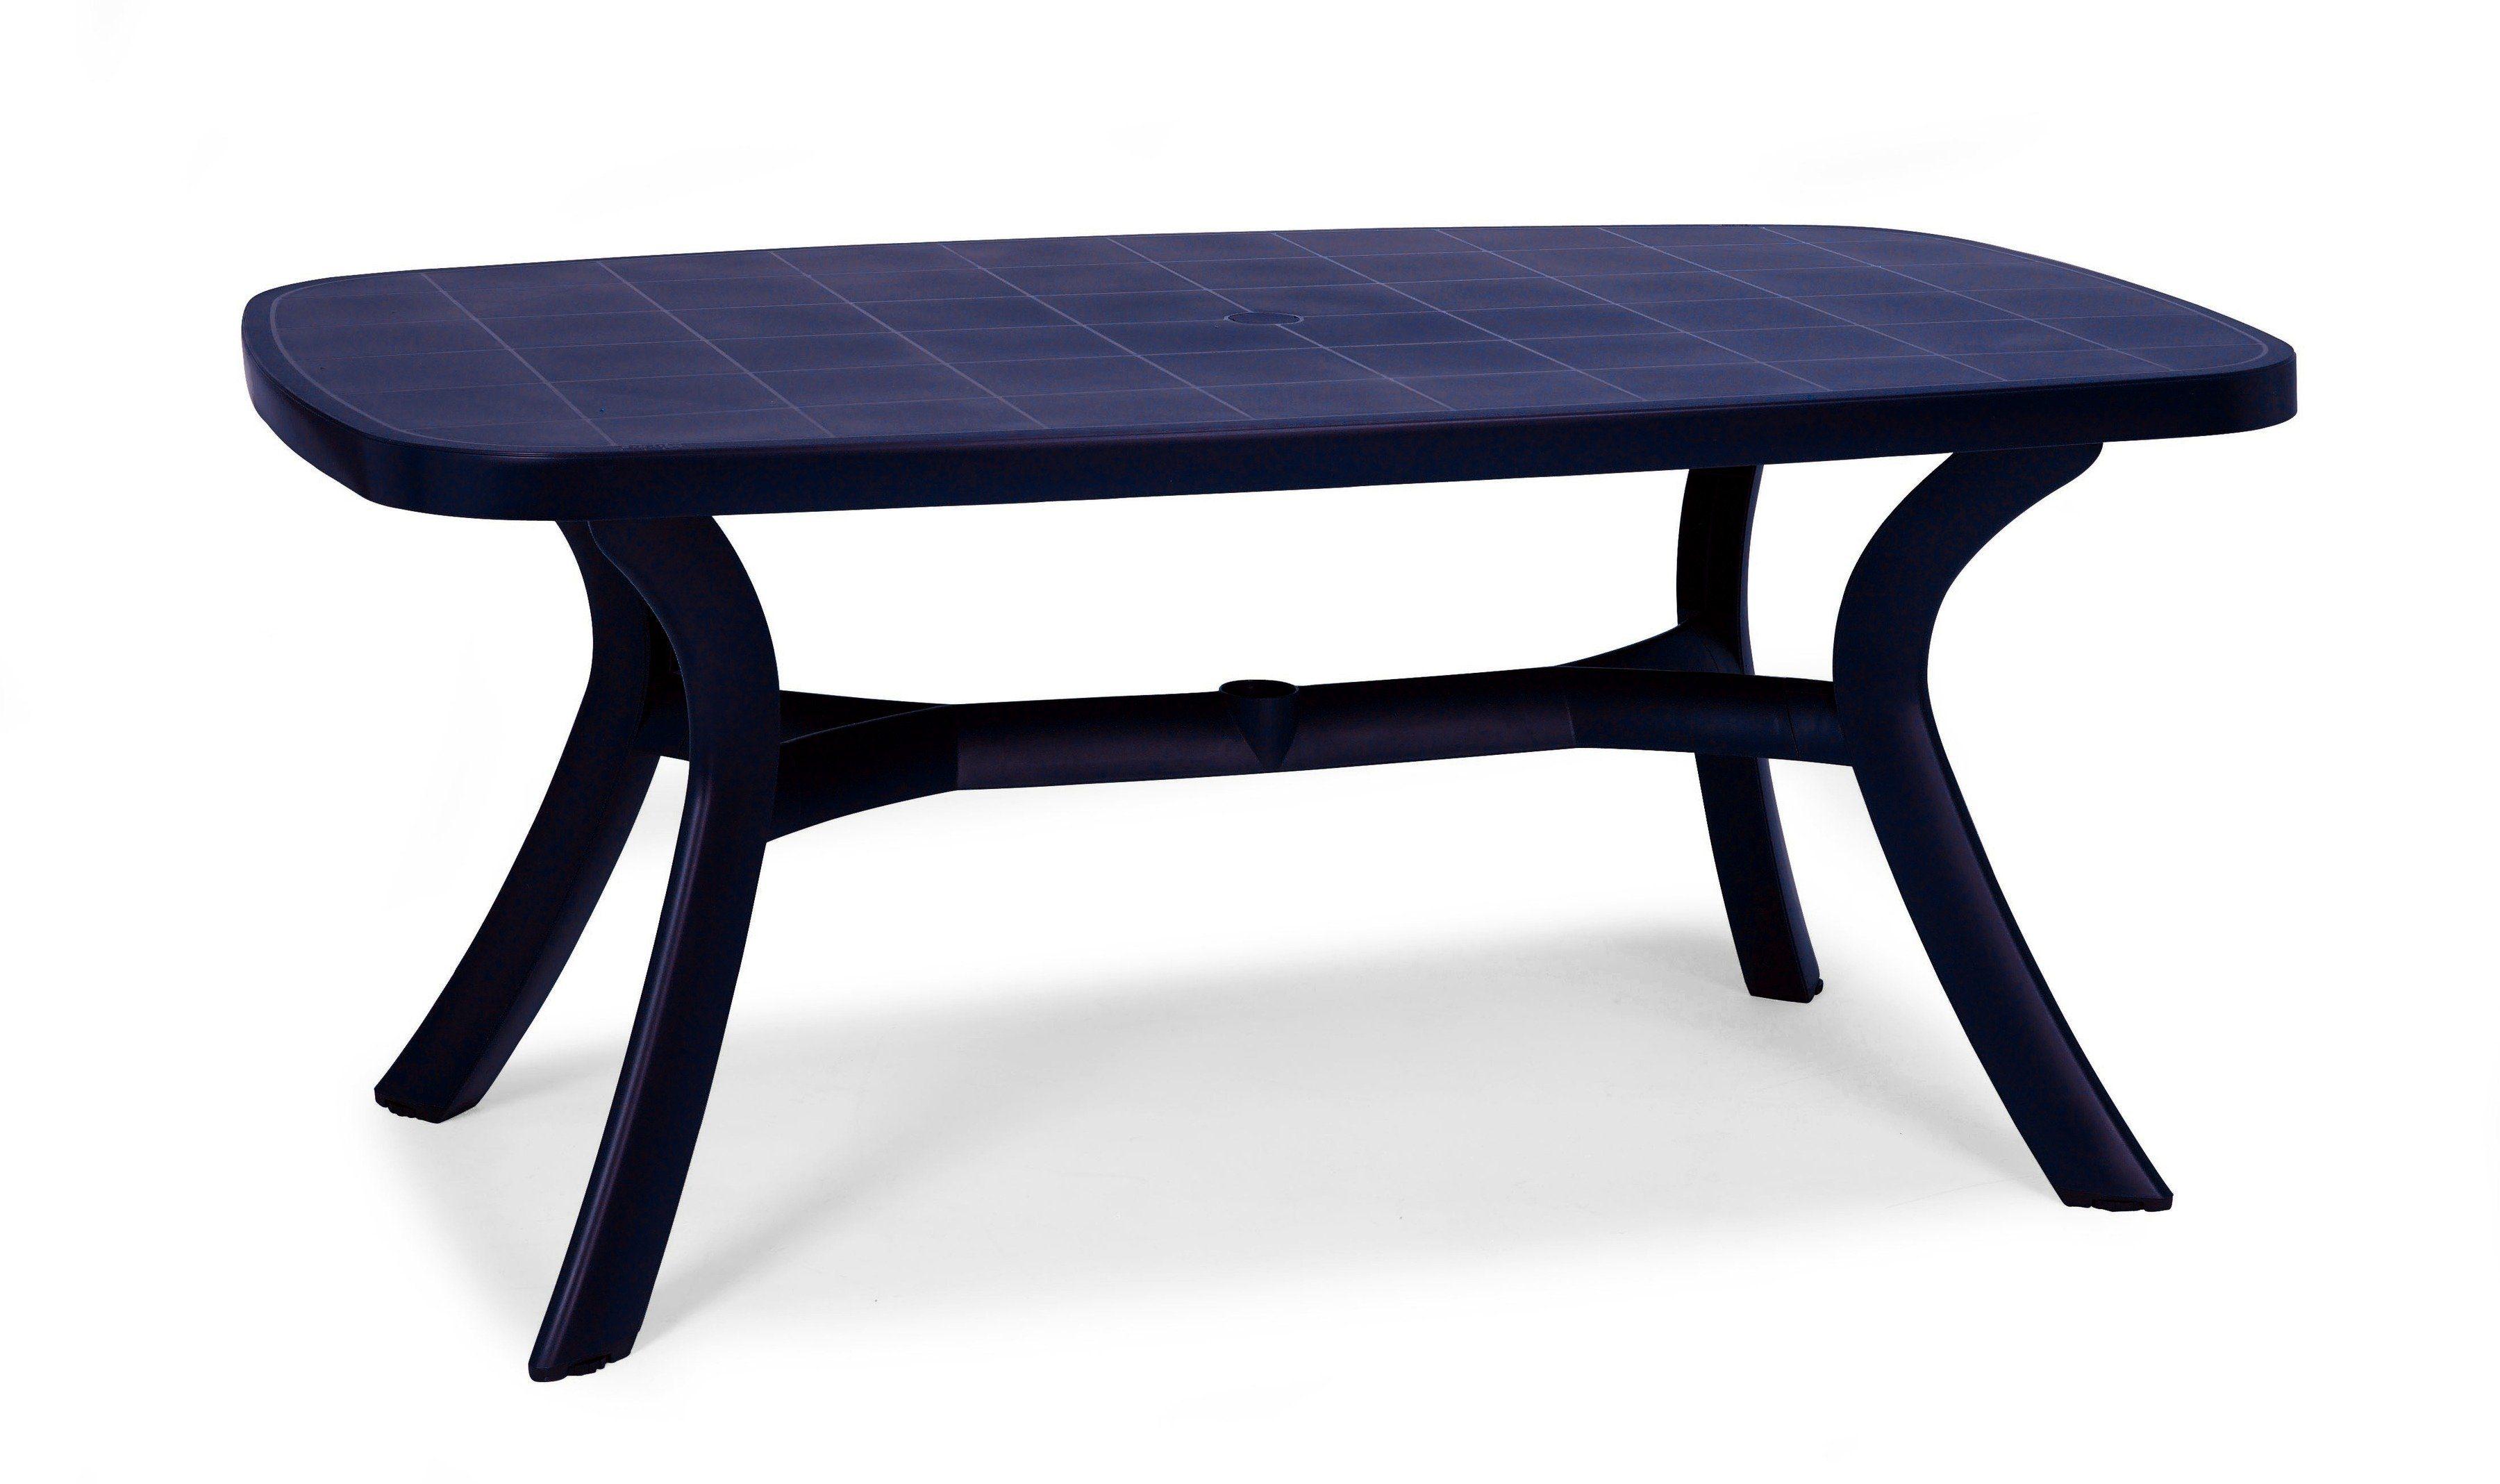 BEST Gartentisch »Kansas«, Kunststoff, 192x105 cm, blau